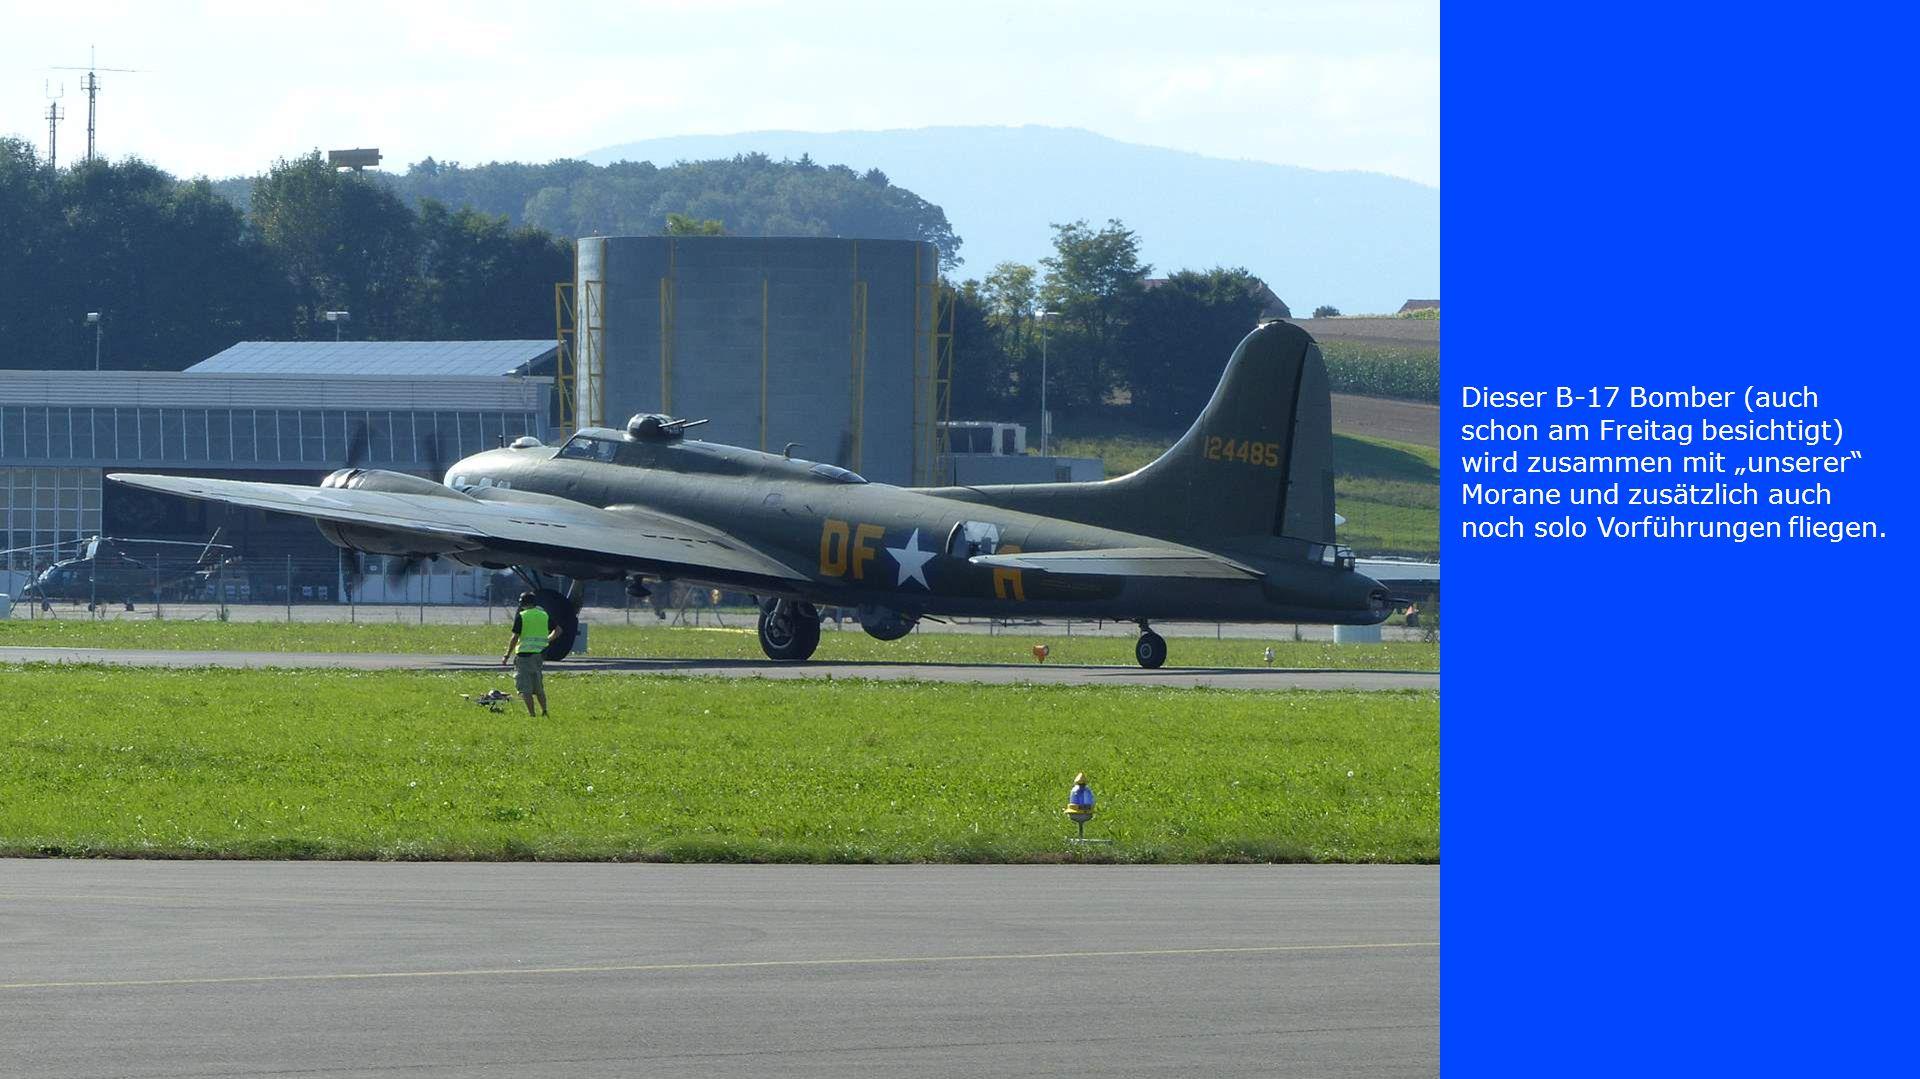 """Dieser B-17 Bomber (auch schon am Freitag besichtigt) wird zusammen mit """"unserer"""" Morane und zusätzlich auch noch solo Vorführungen fliegen."""